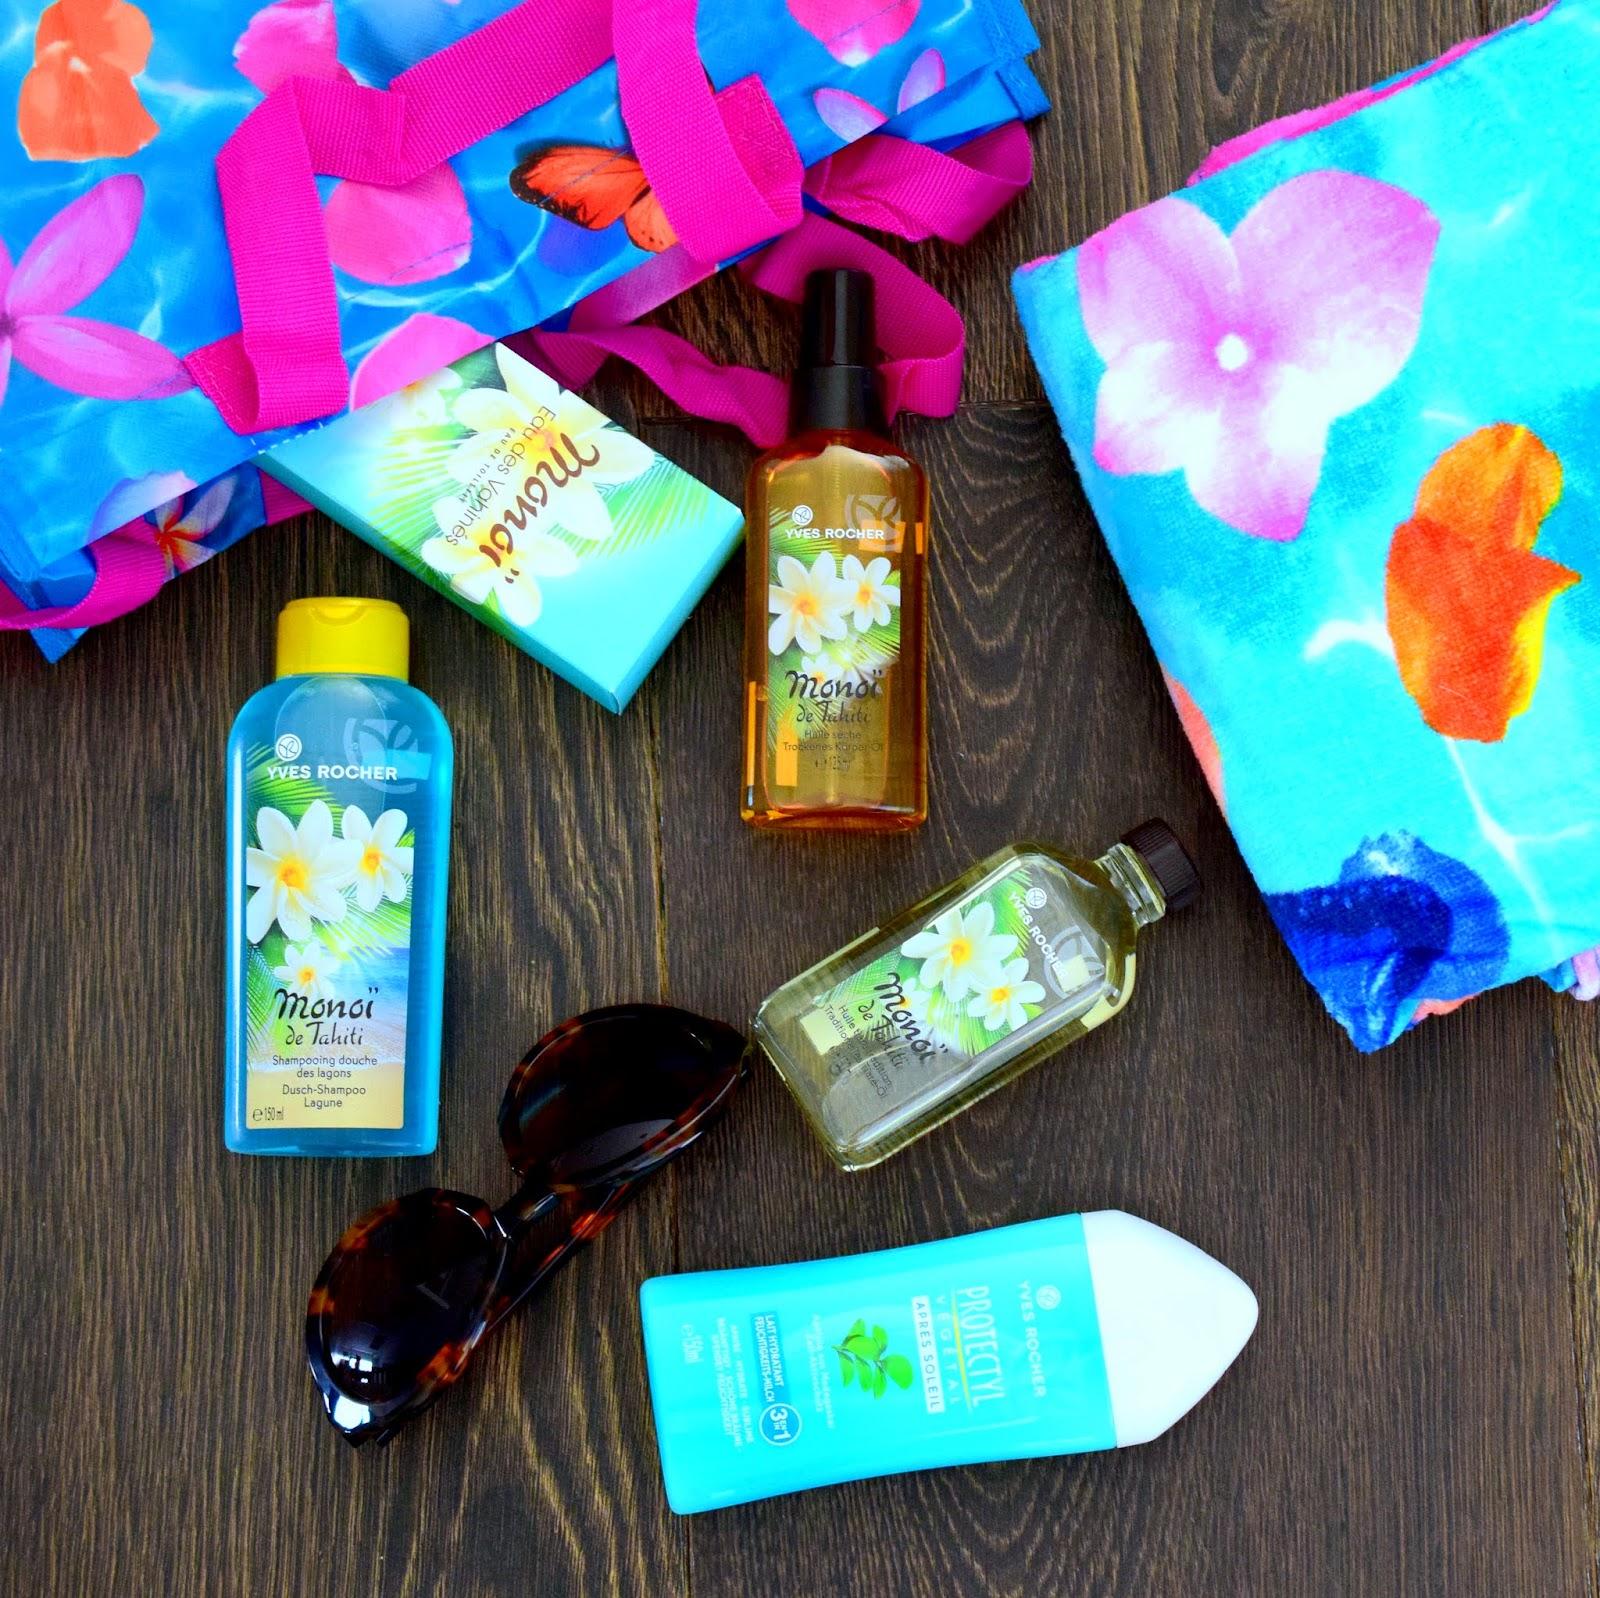 Sommerpaket von Yves Rocher